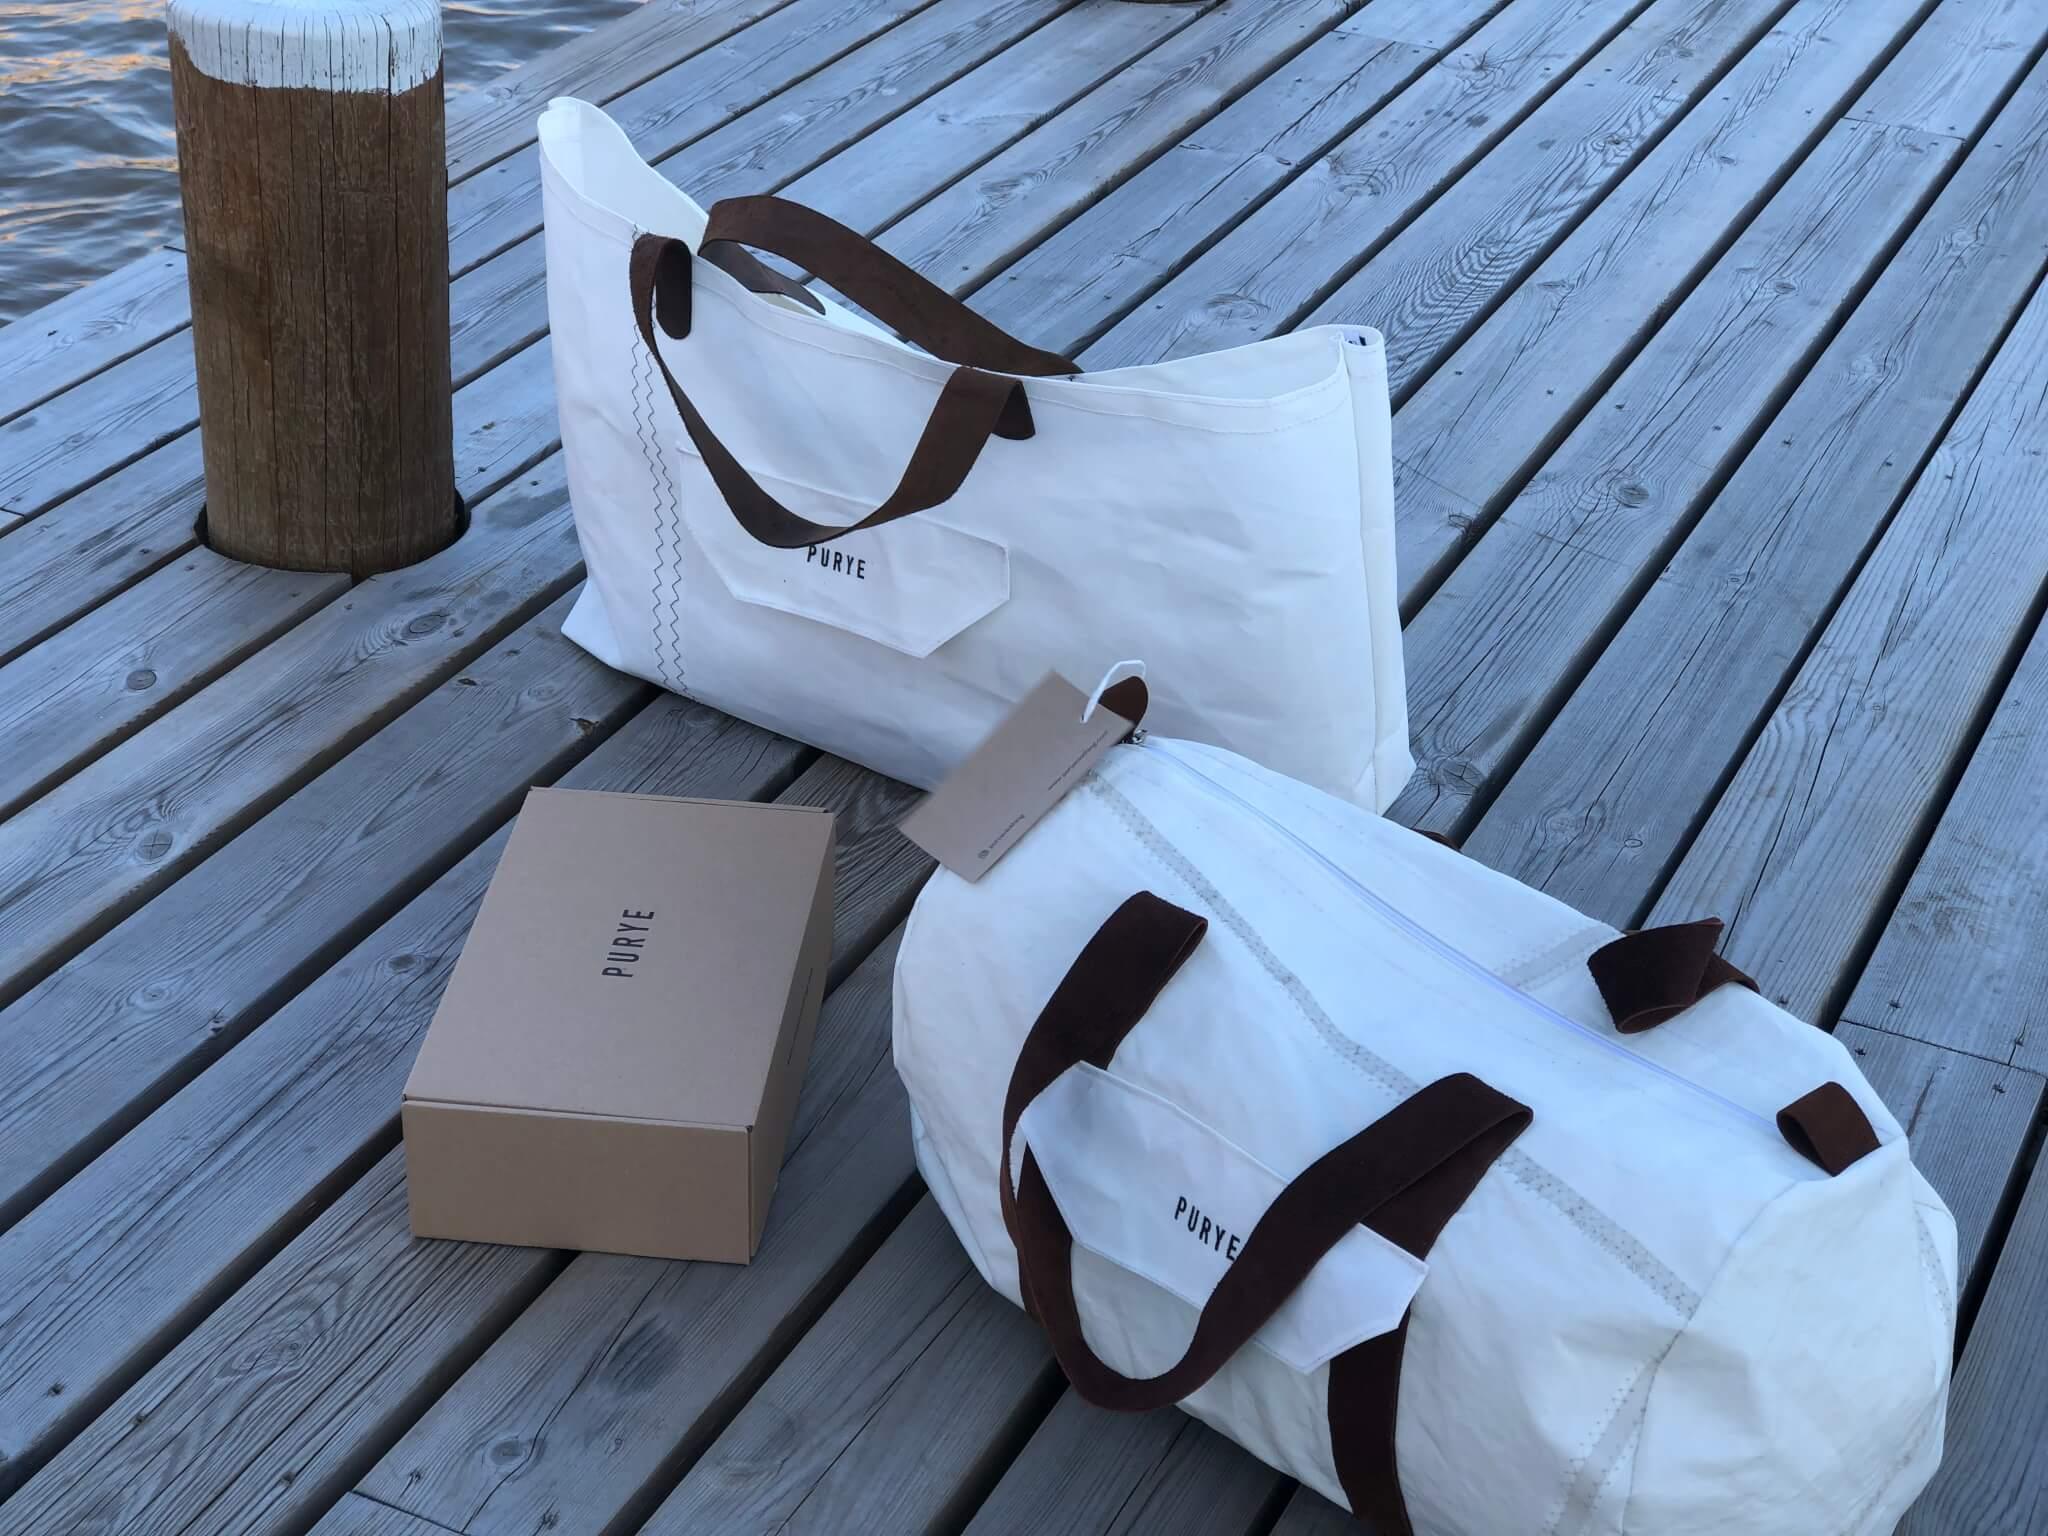 pudełko z kartonu purye clothing - zapakuj.to producent opakowań